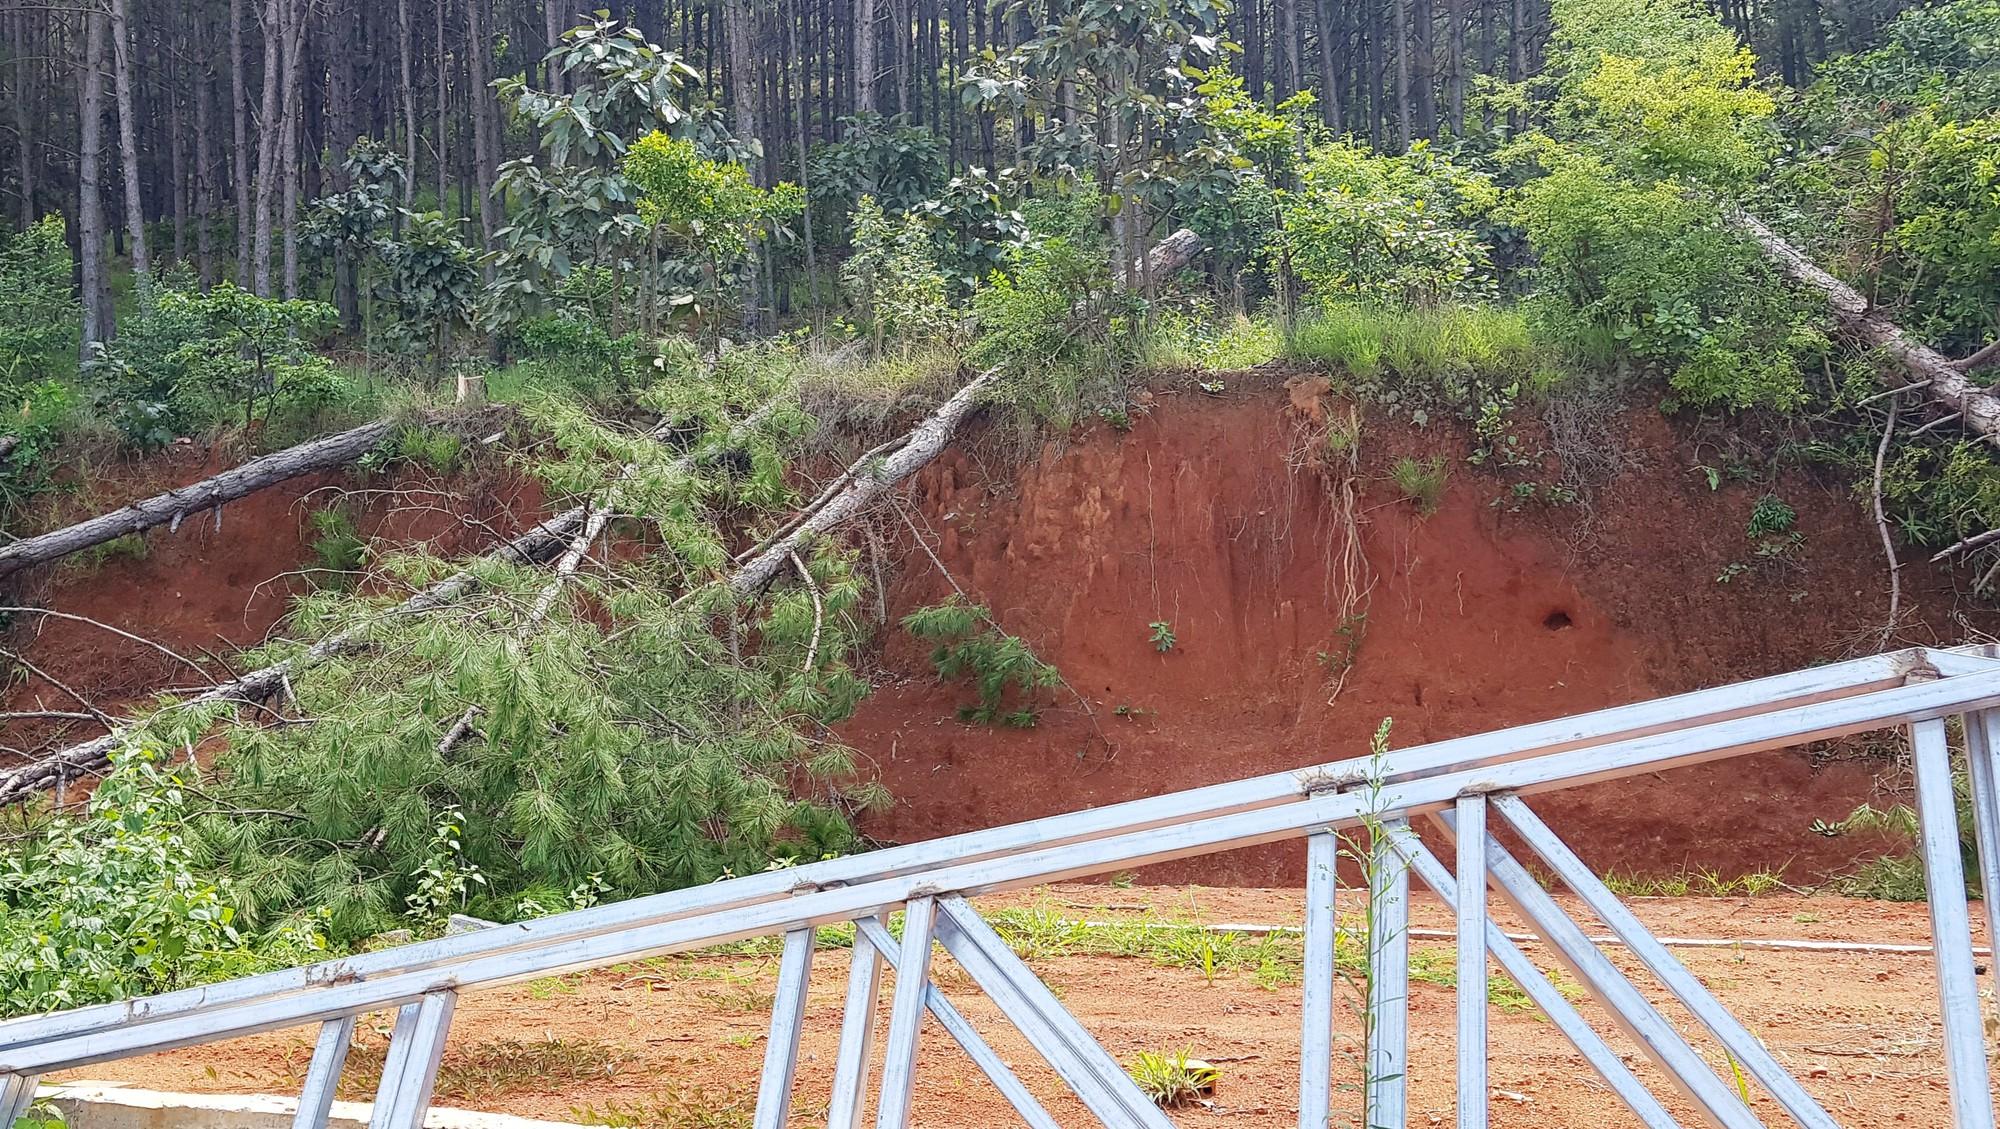 Tiếp tục xảy ra nhiều vụ phá rừng thông ở Lâm Đồng - Ảnh 2.